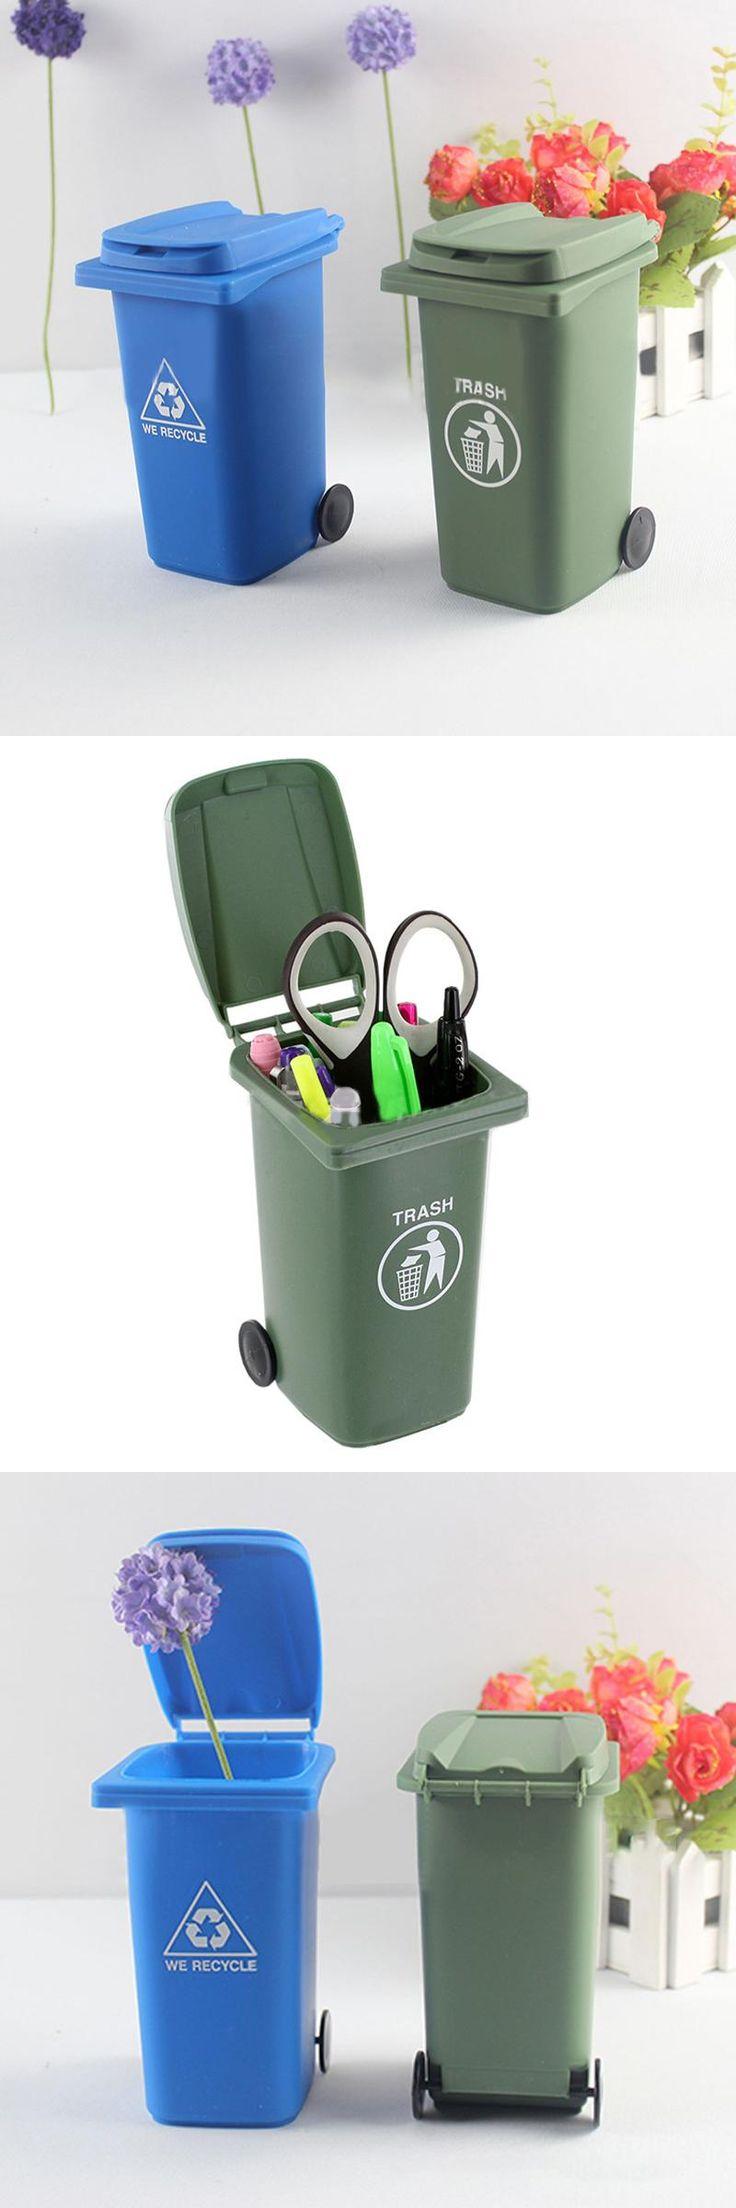 wholesale waste bins icarekit mini curbside desk trash u0026 recycle can garbage office set